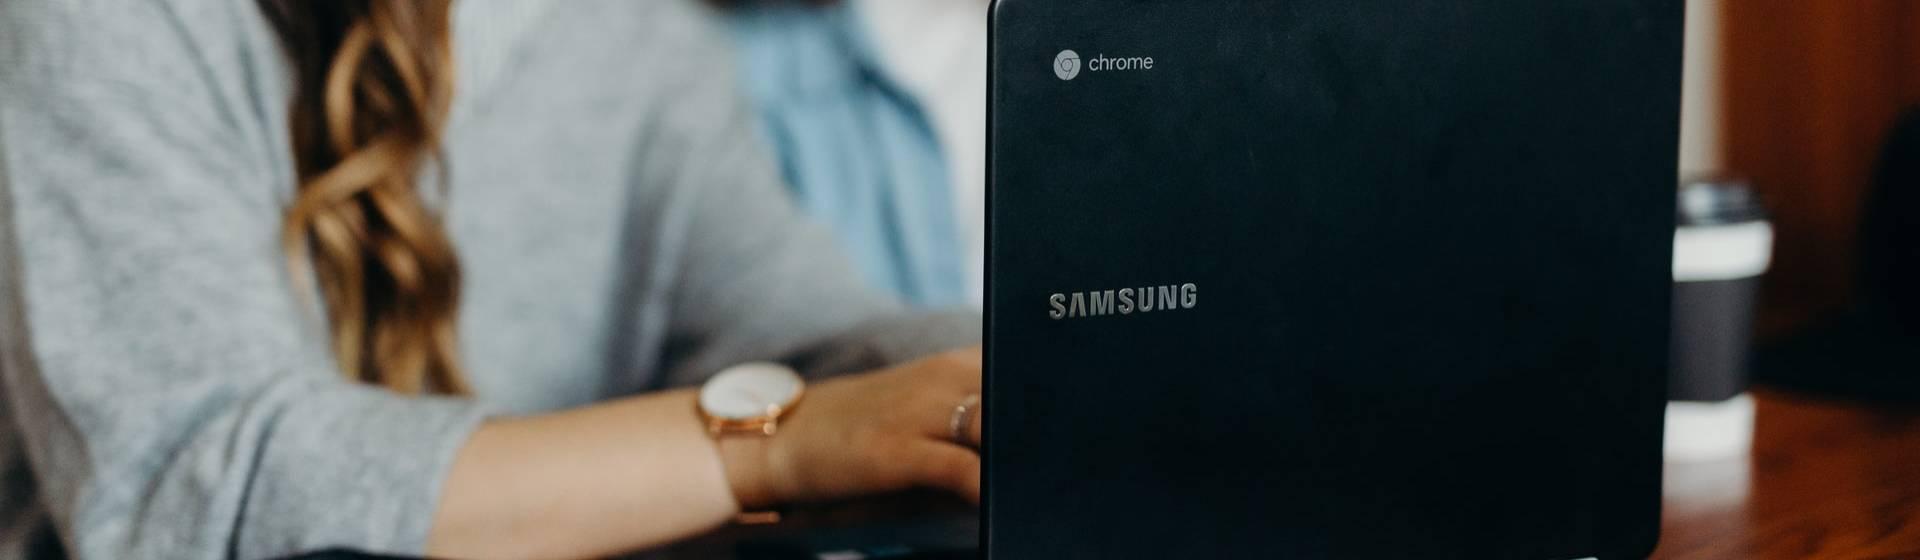 Notebook Samsung é bom? Veja prós e contras da marca coreana